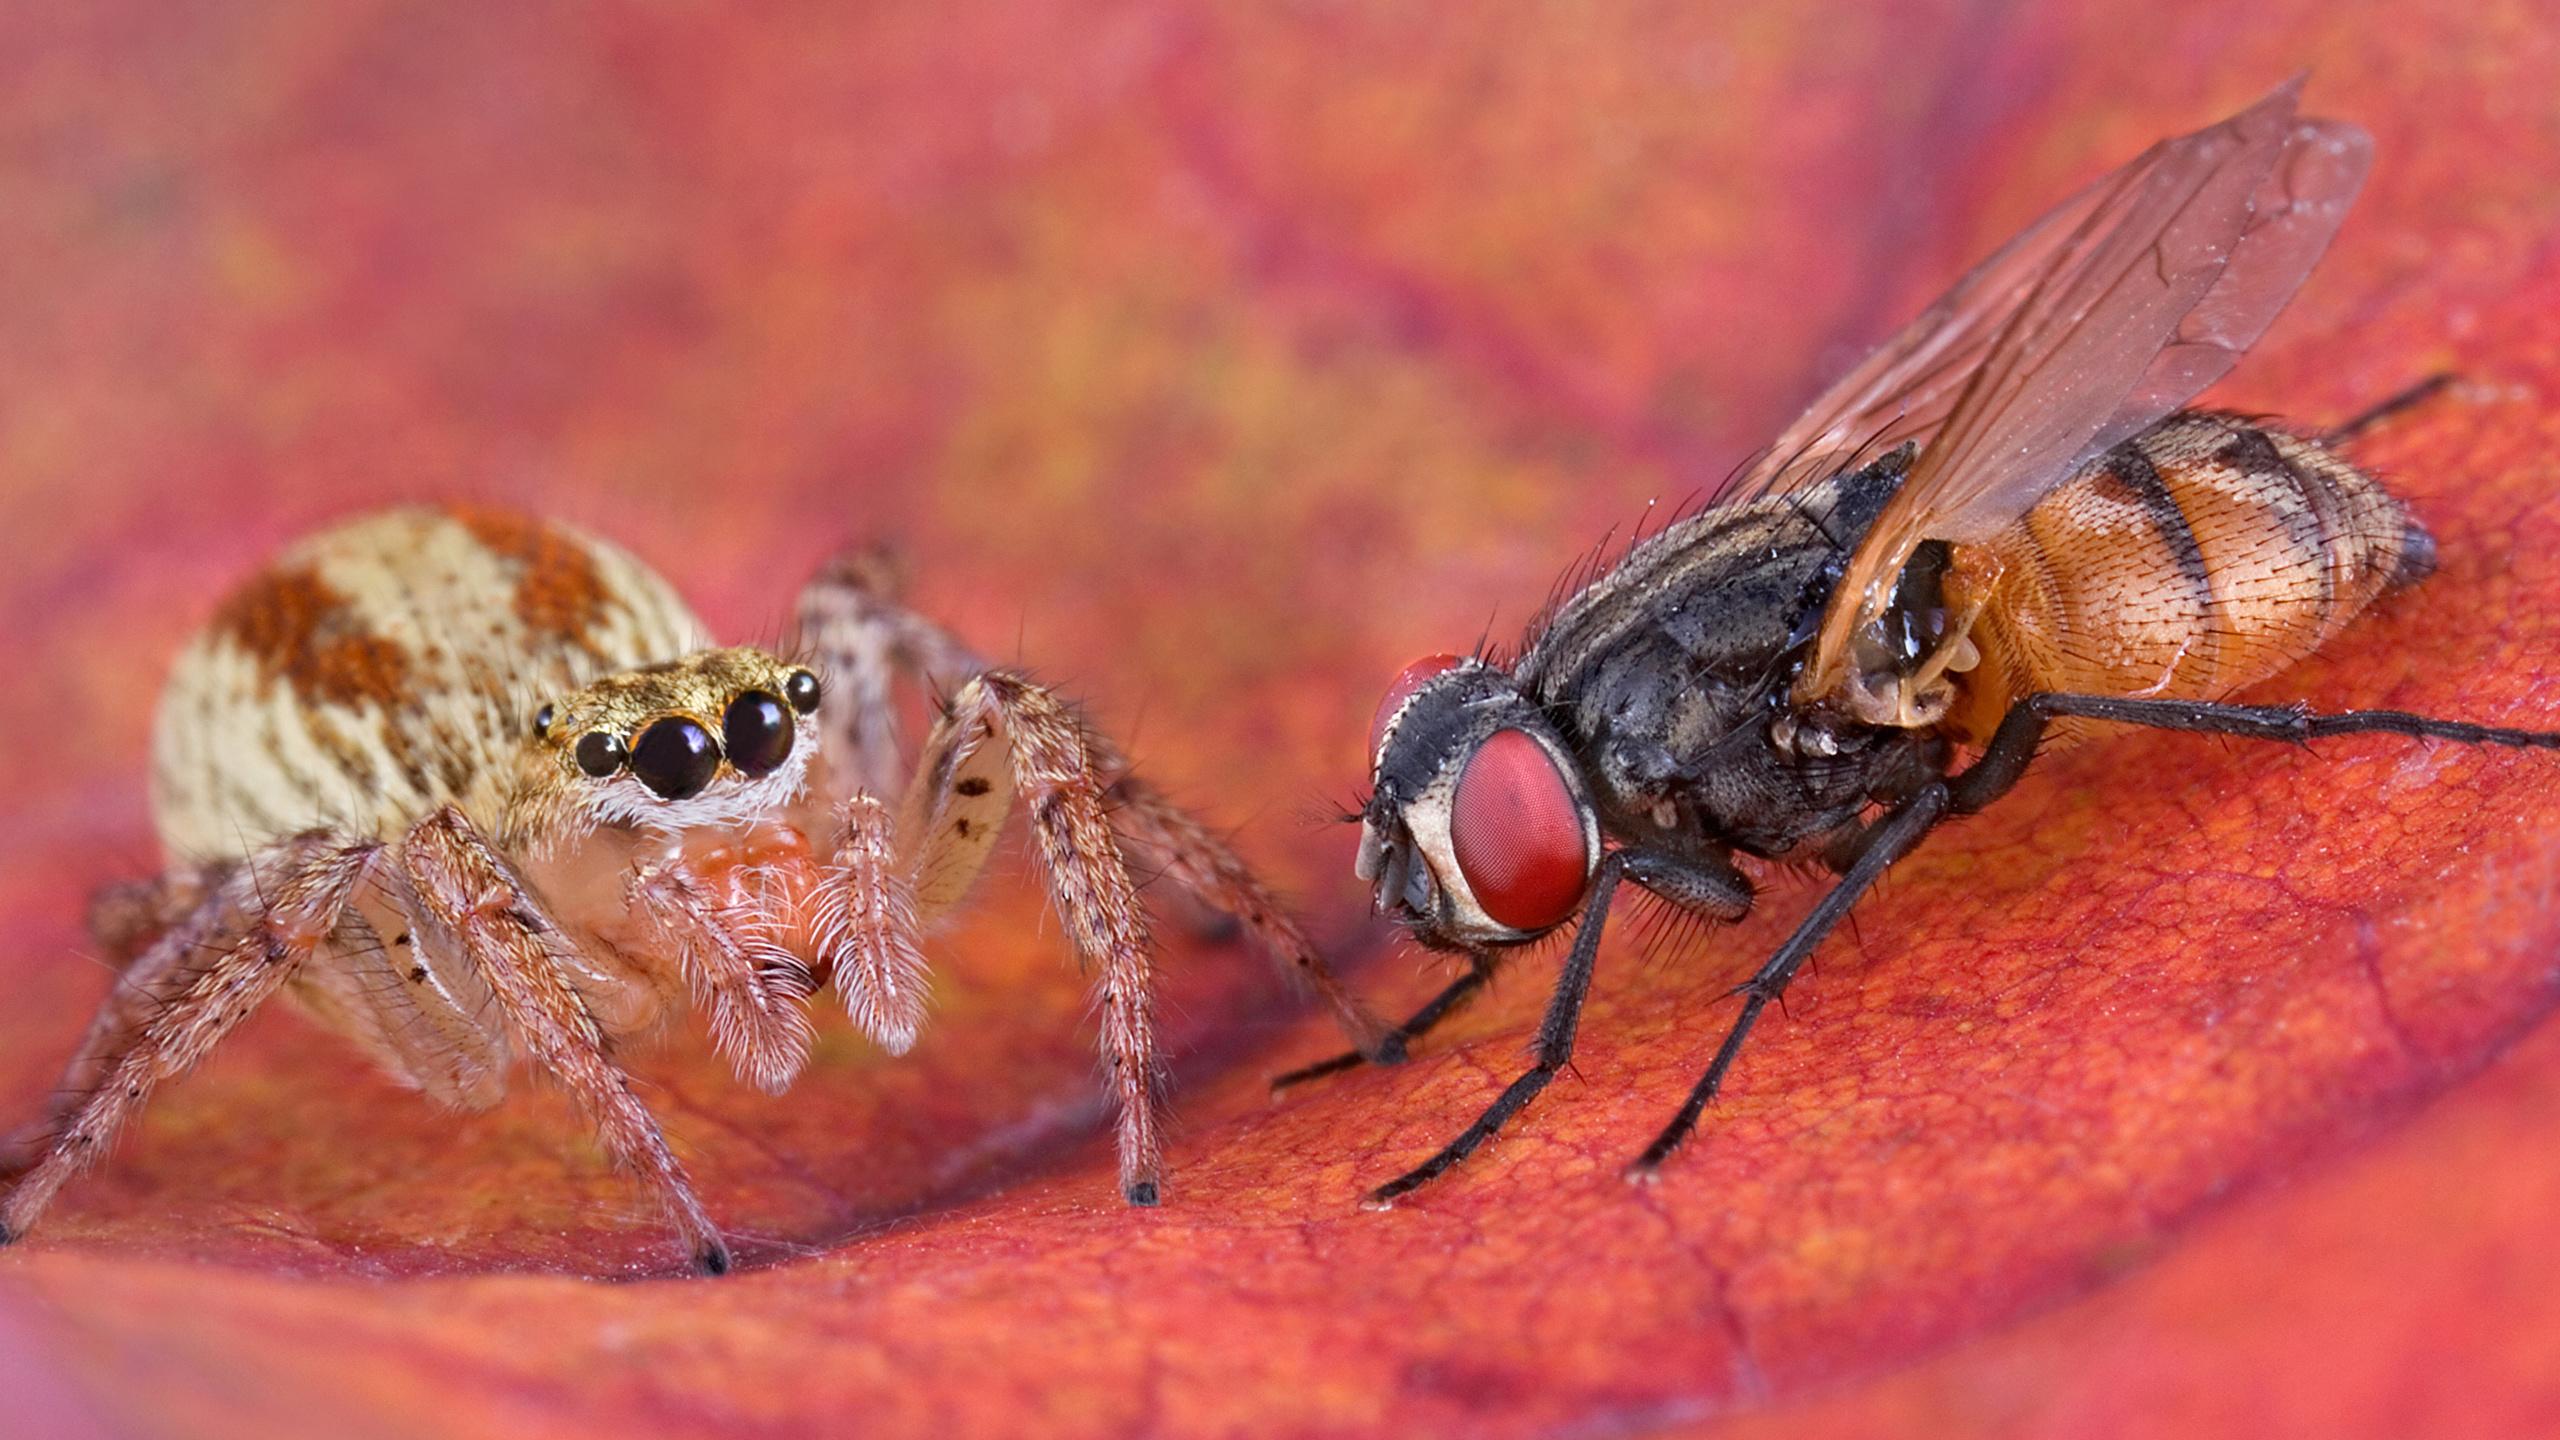 Обои для рабочего стола Пчелы Насекомые животное 2560x1440 насекомое Животные